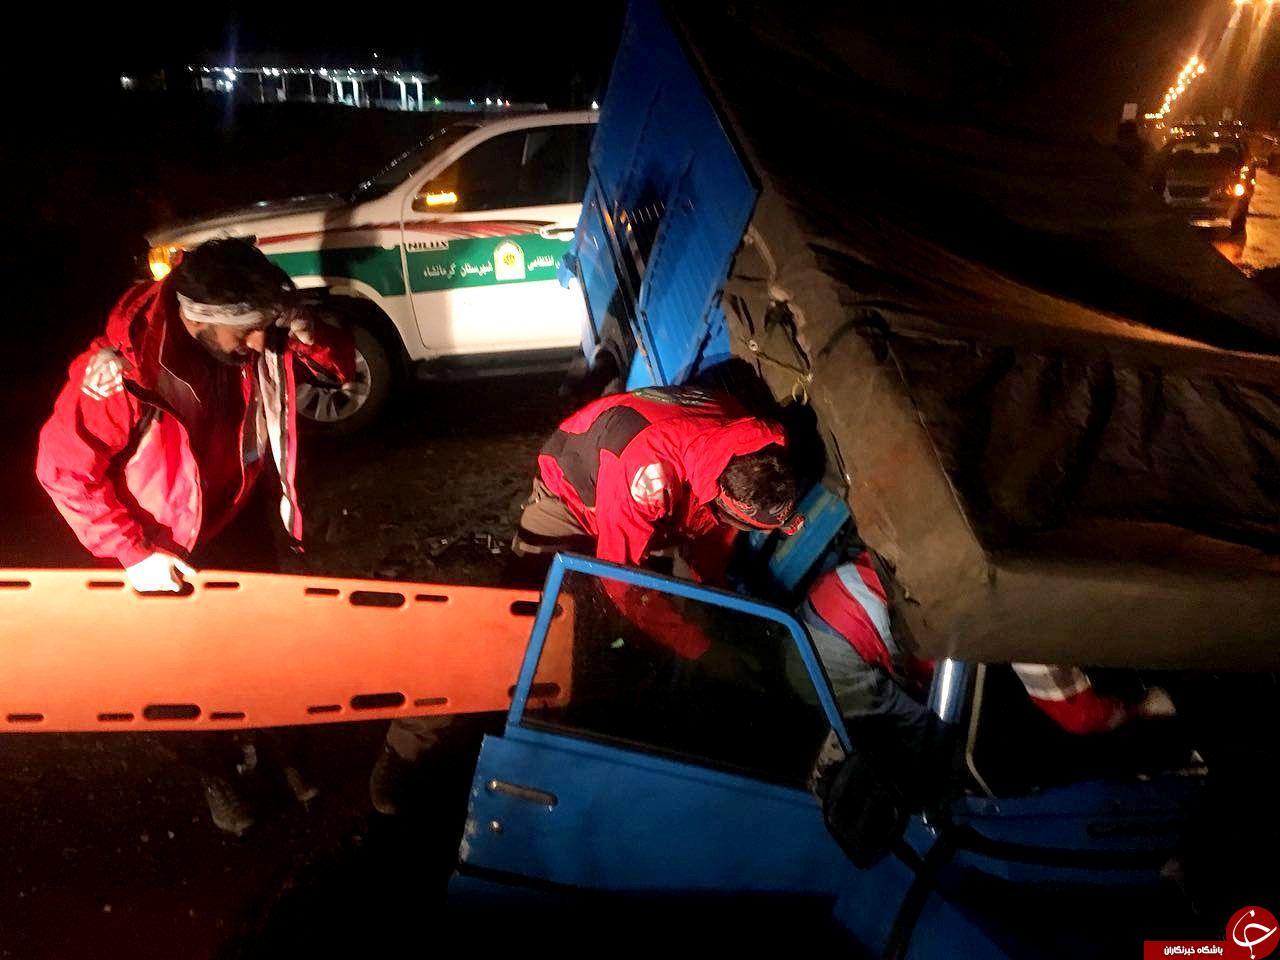 واژگونی وانت نیسان 2 کشته و مصدوم برجای گذاشت+تصویر